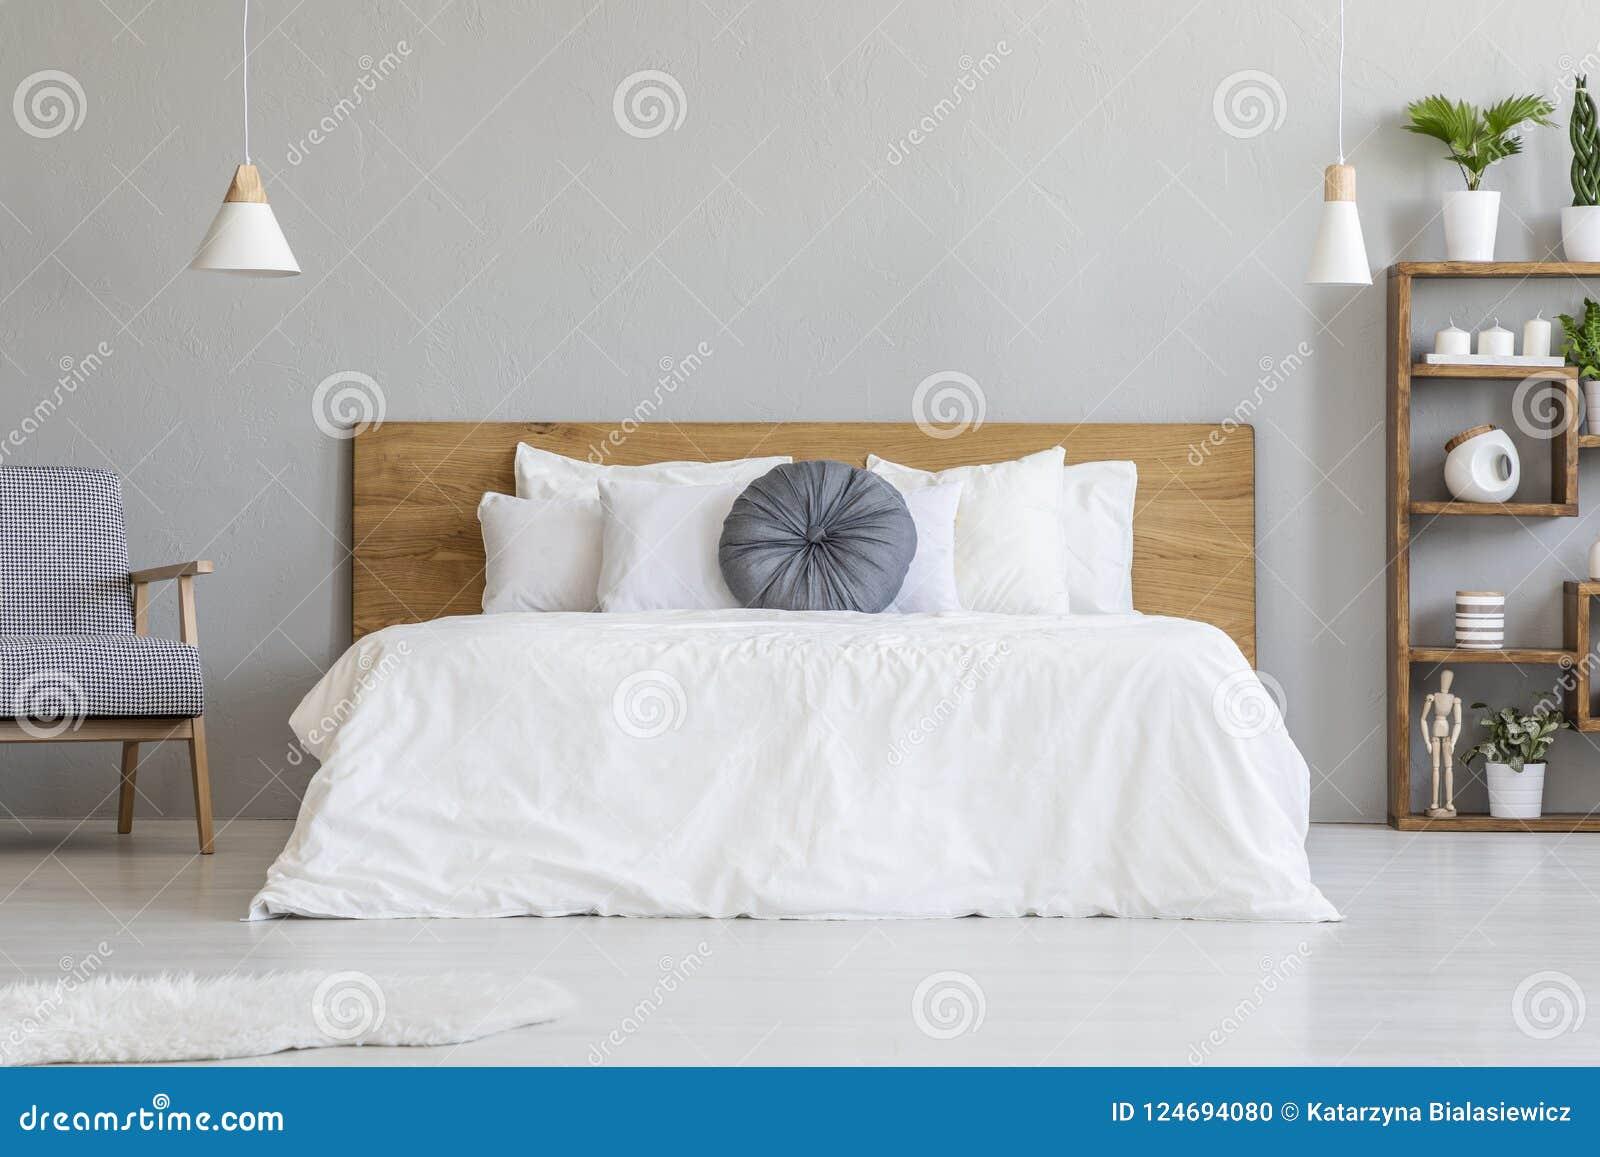 Almohada azul en la cama blanca con el cabecero de madera en interi del dormitorio